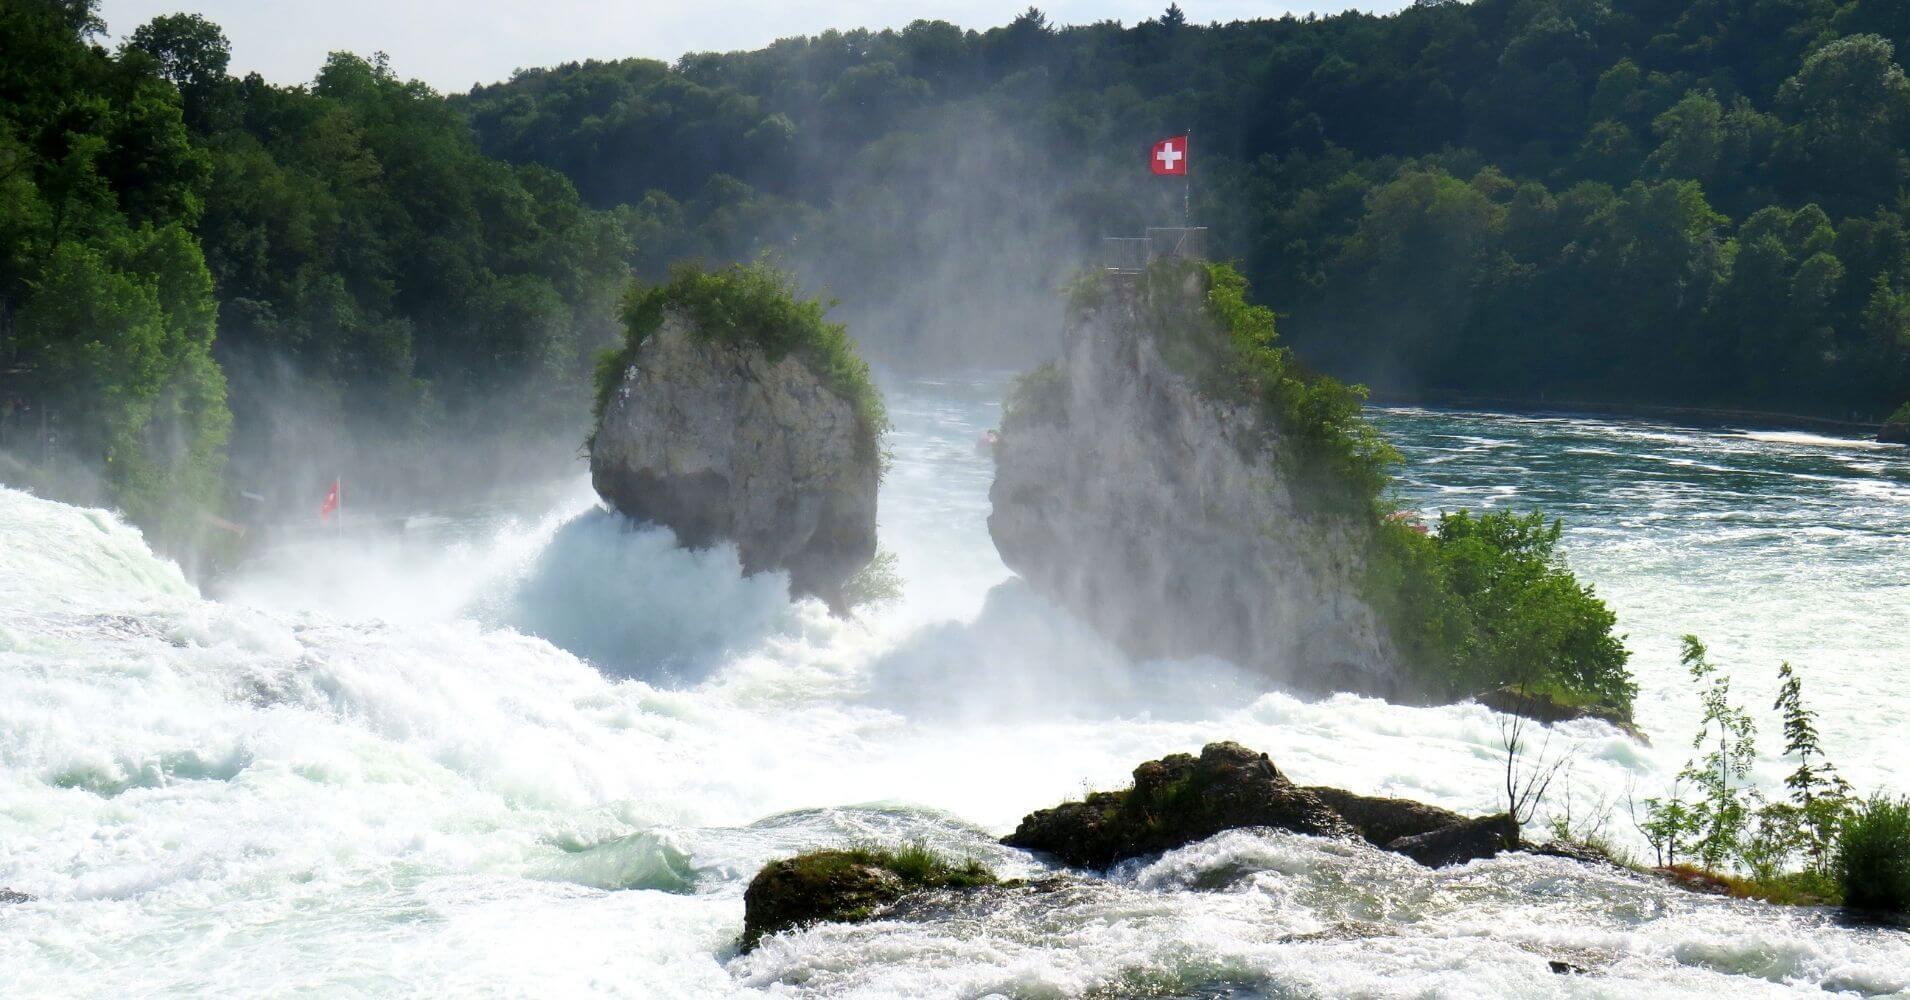 Rheinfall, Cataratas del Rin. Schaffhausen, Suiza.